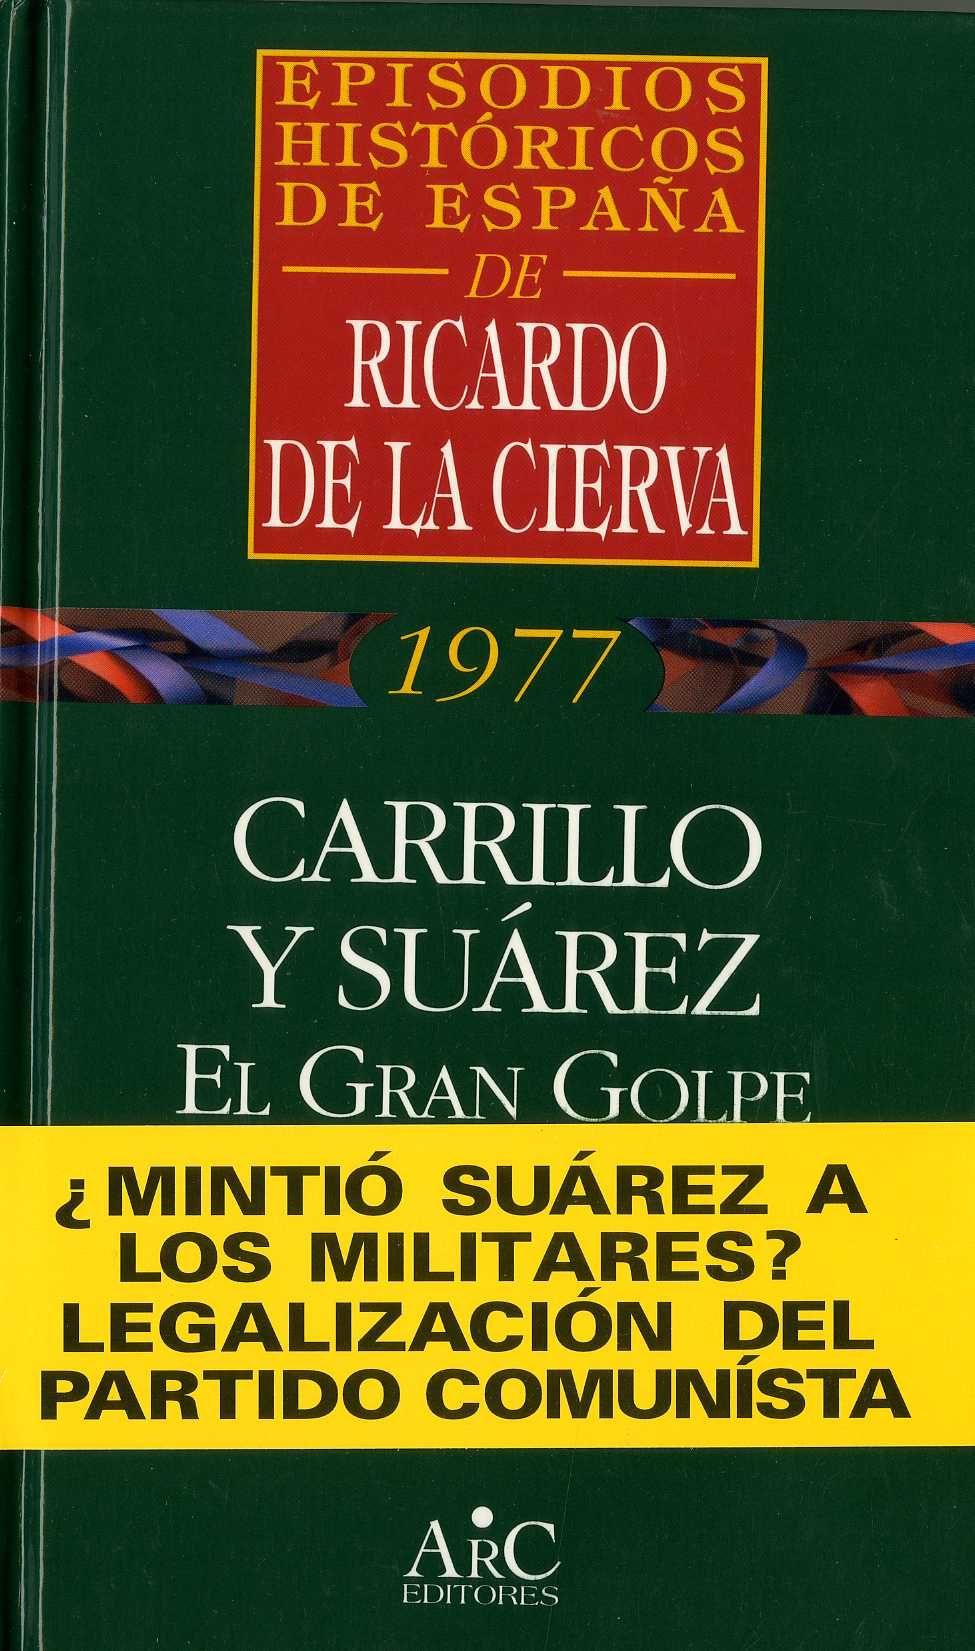 Cierva, Ricardo de la (1926-) Carrillo y Suárez : el gran golpe / Ricardo de la Cierva. – Madrid : ARC Editores, D. L. 1997. 184 p. ; 22 cm. – (Episodios históricos de España. Memoria de la transición ; 12) D. L. M. 1760-1997. – ISBN 84-7754-233-3